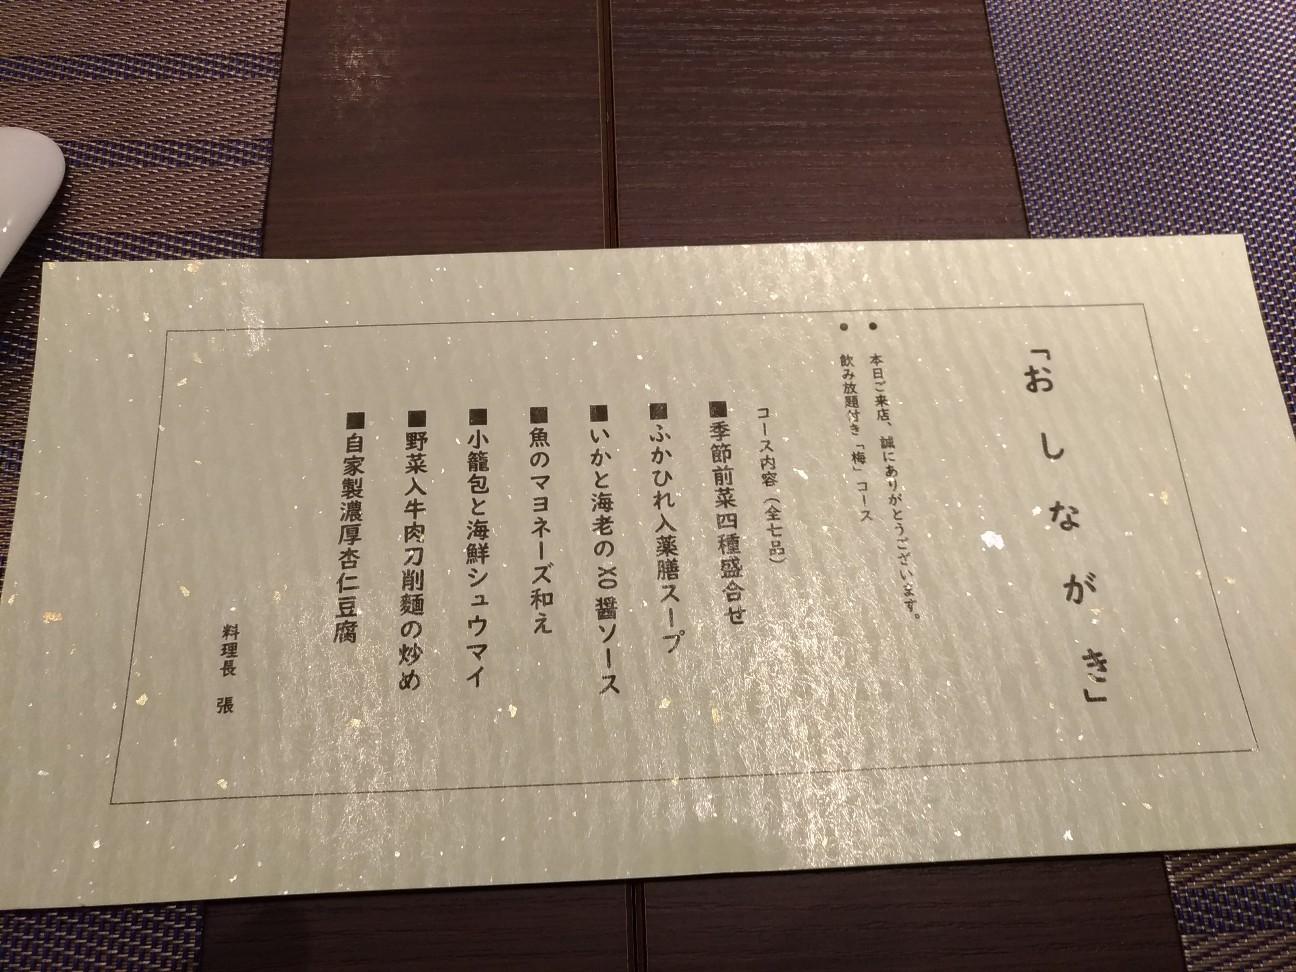 f:id:HKT1989:20191226093300j:plain